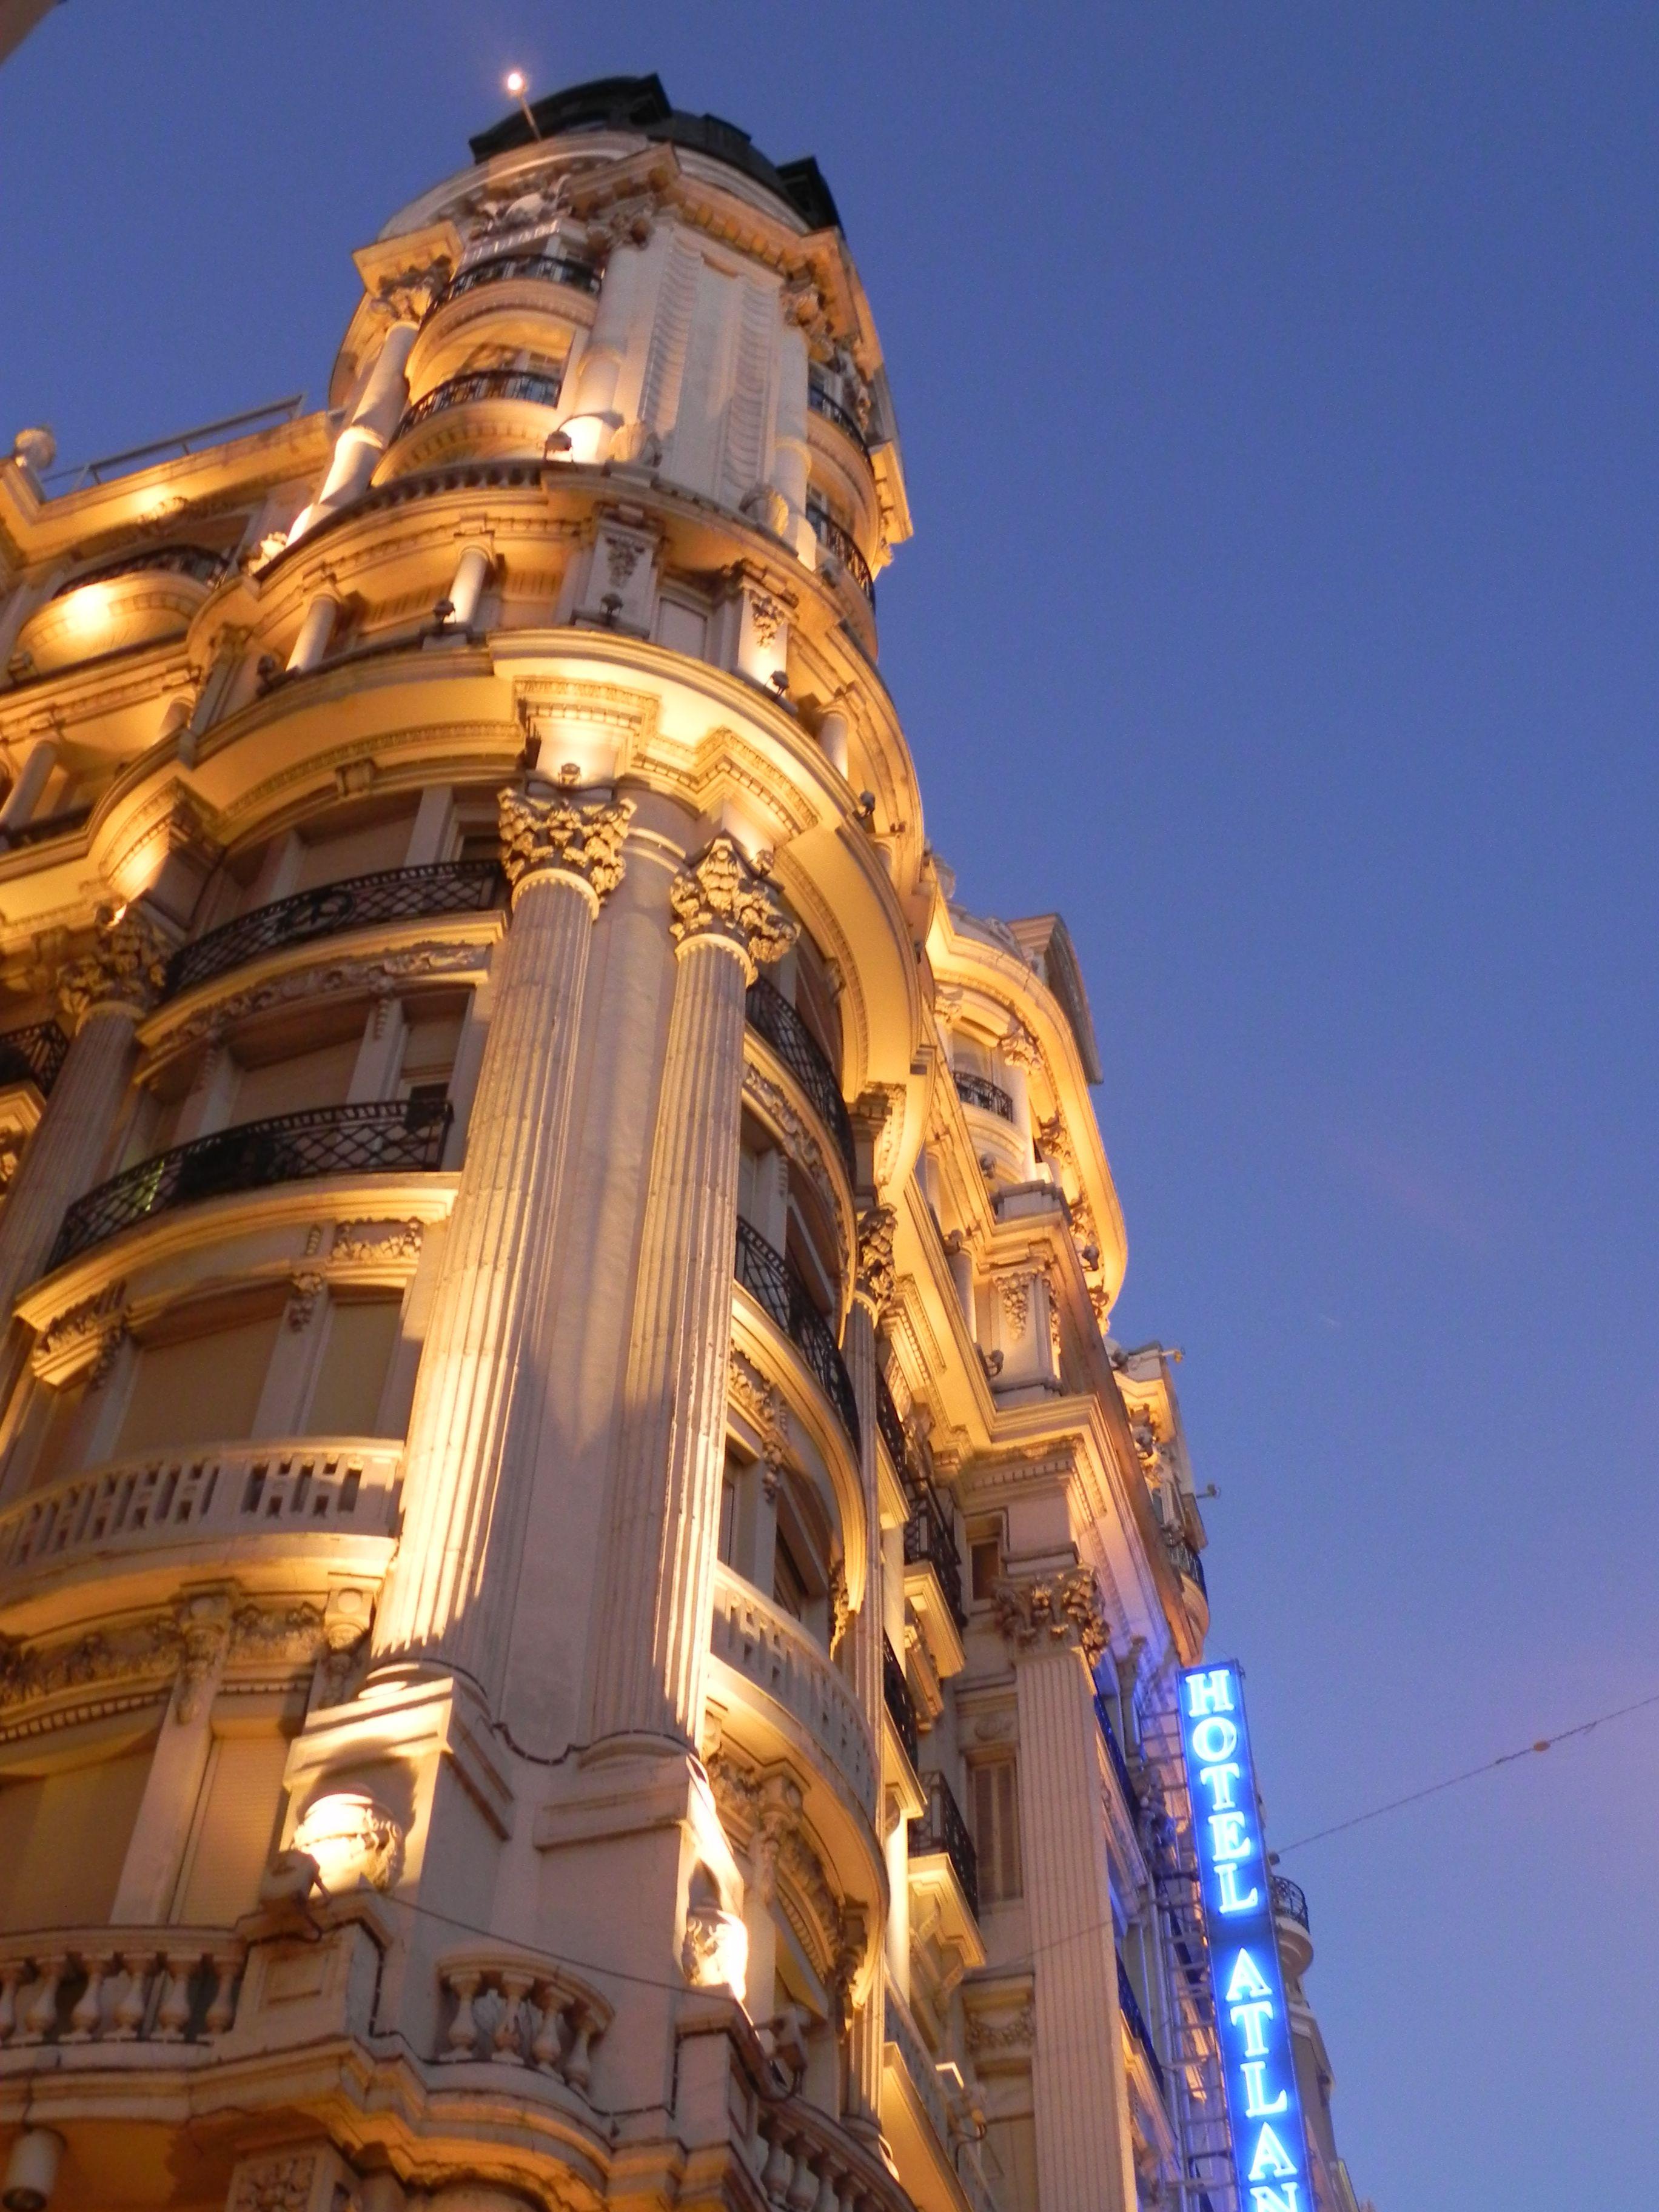 Edificio En La Gran V A Madrile A Madrid Pinterest Madrid ~ Cena Romantica En Santiago De Compostela